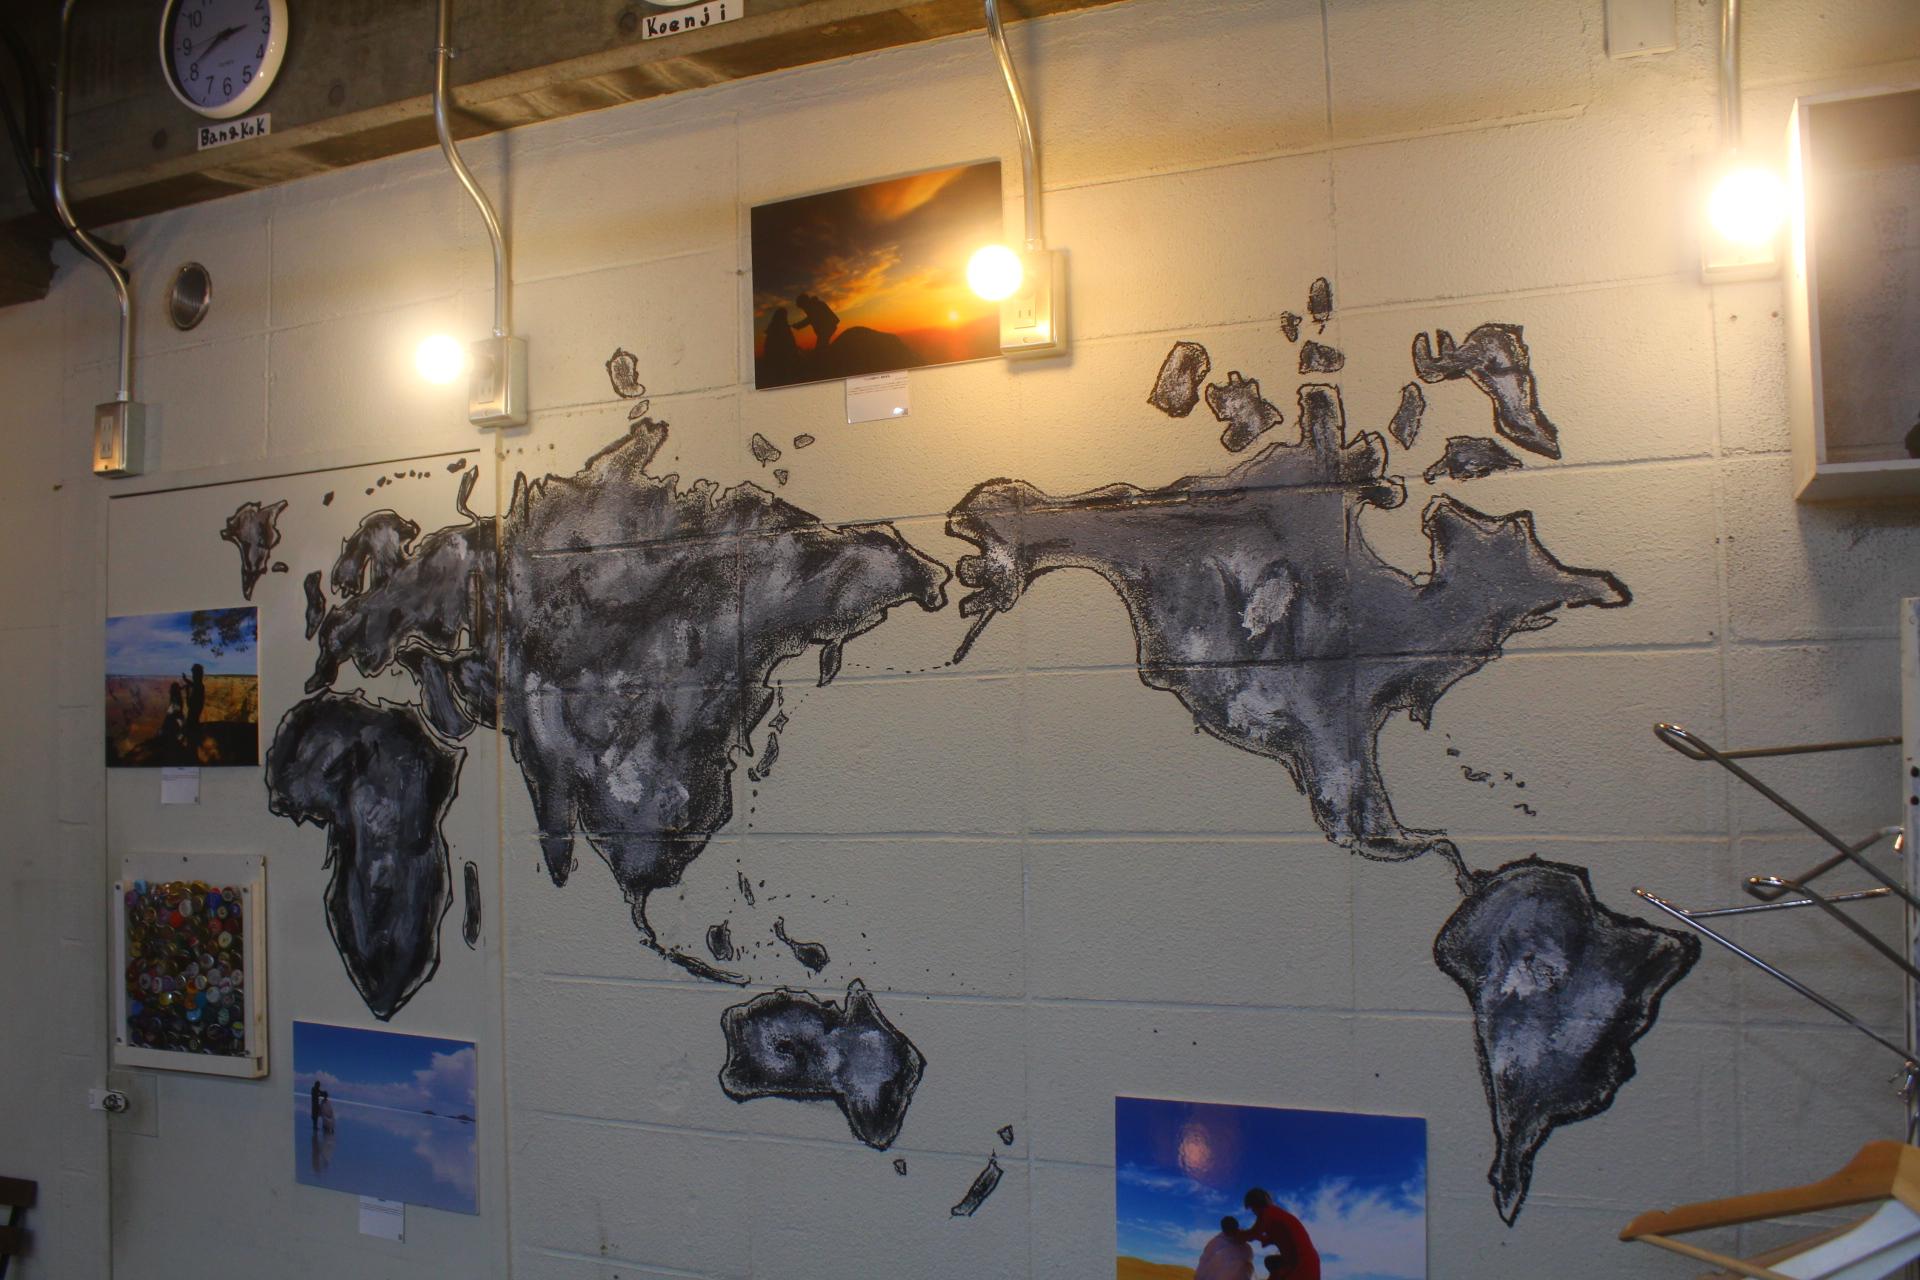 世界地図が壁に書いてある美容室は世の中に何件くらいあるのだろう。